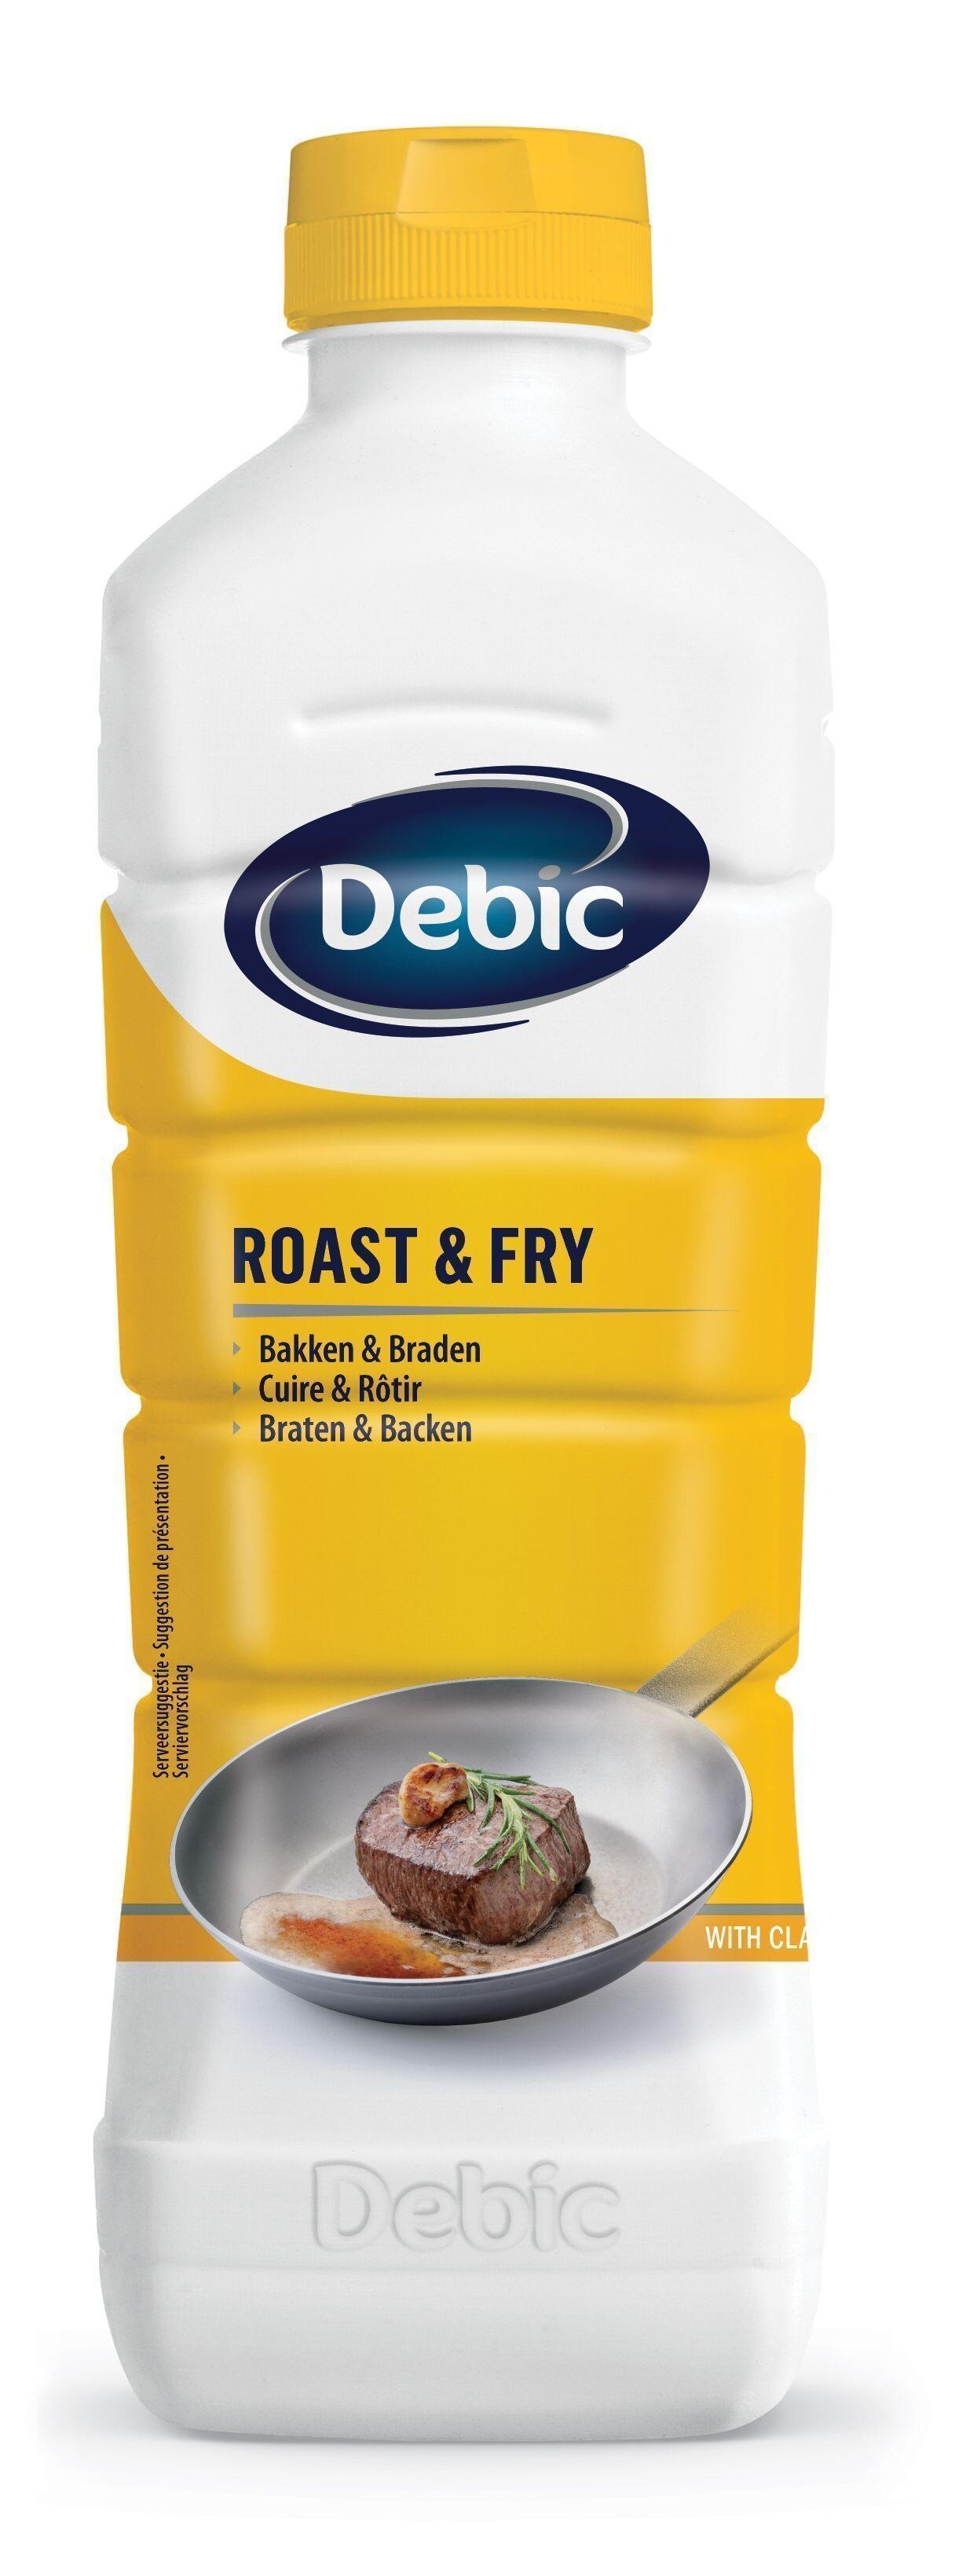 Debic Roast & Fry 1L